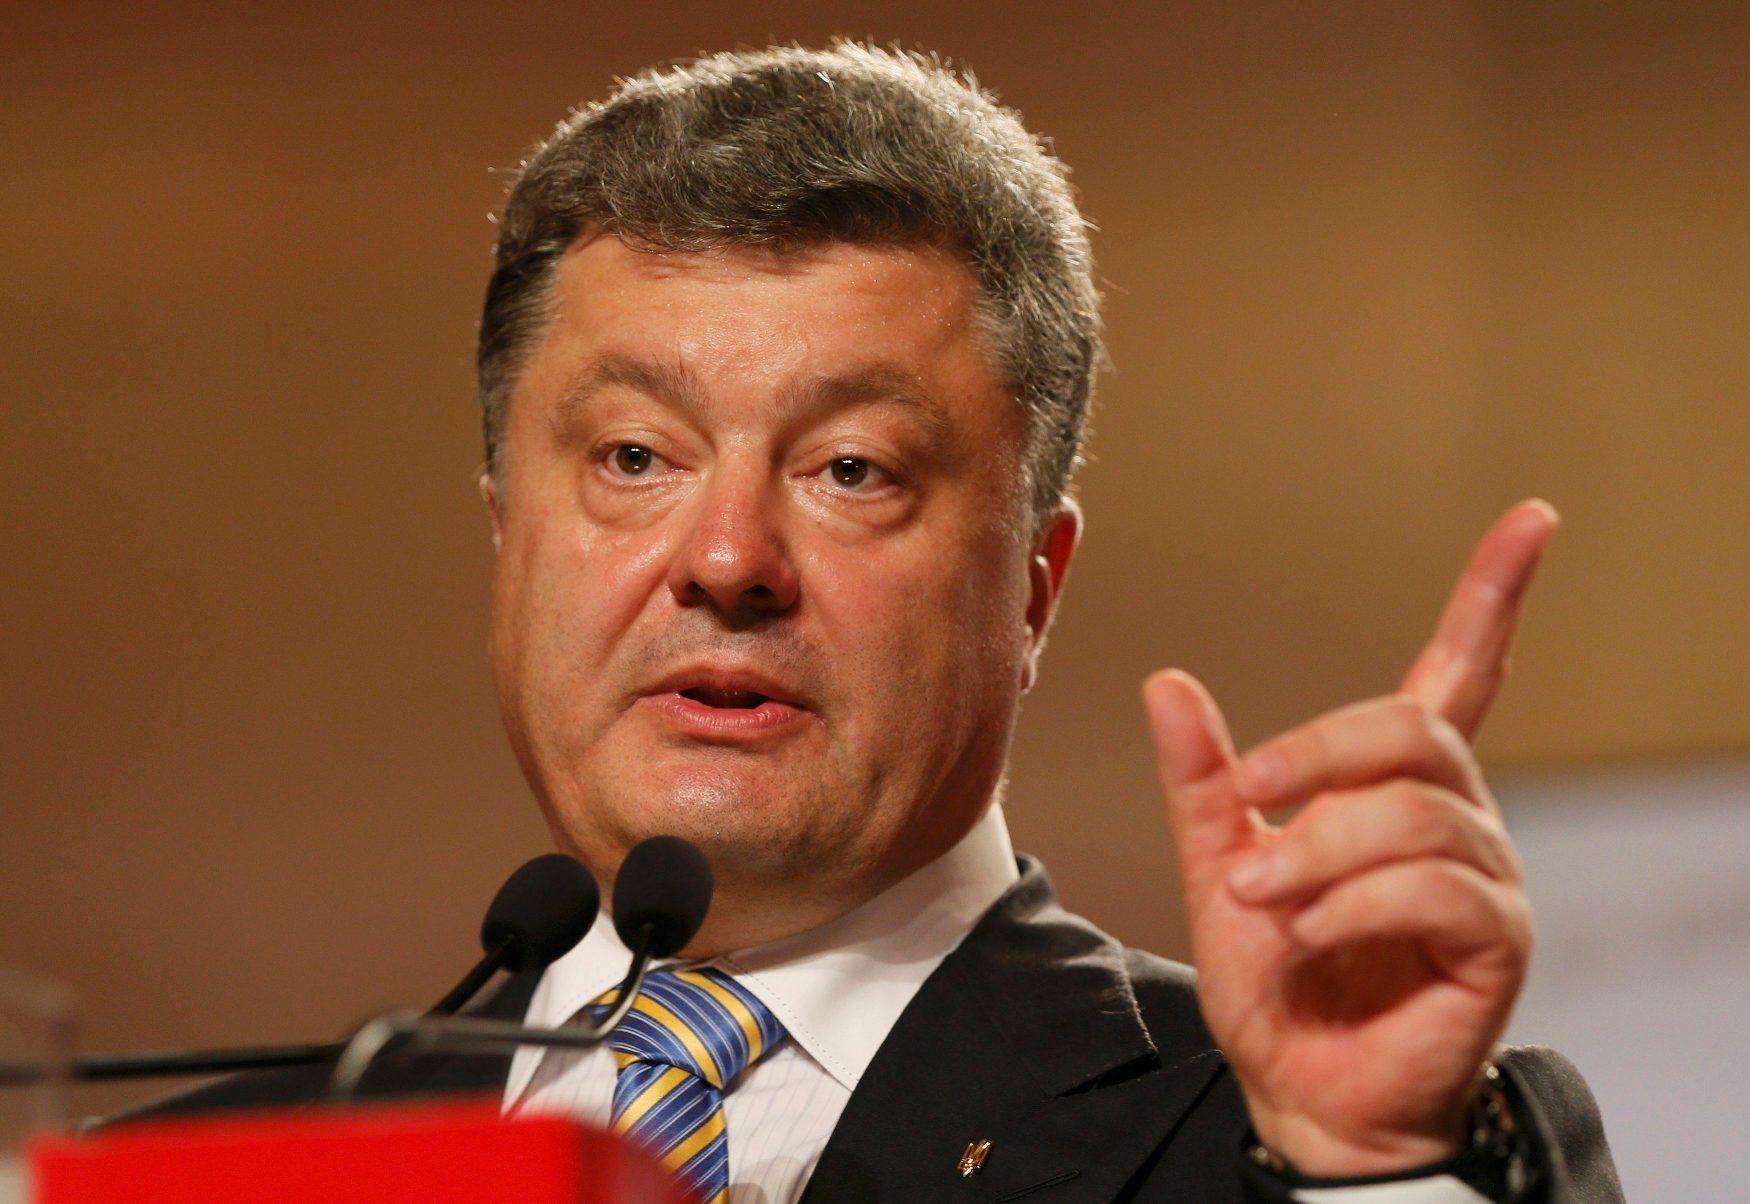 Про що сказав президент Порошенко і про що промовчав. Аналіз президентського виступу